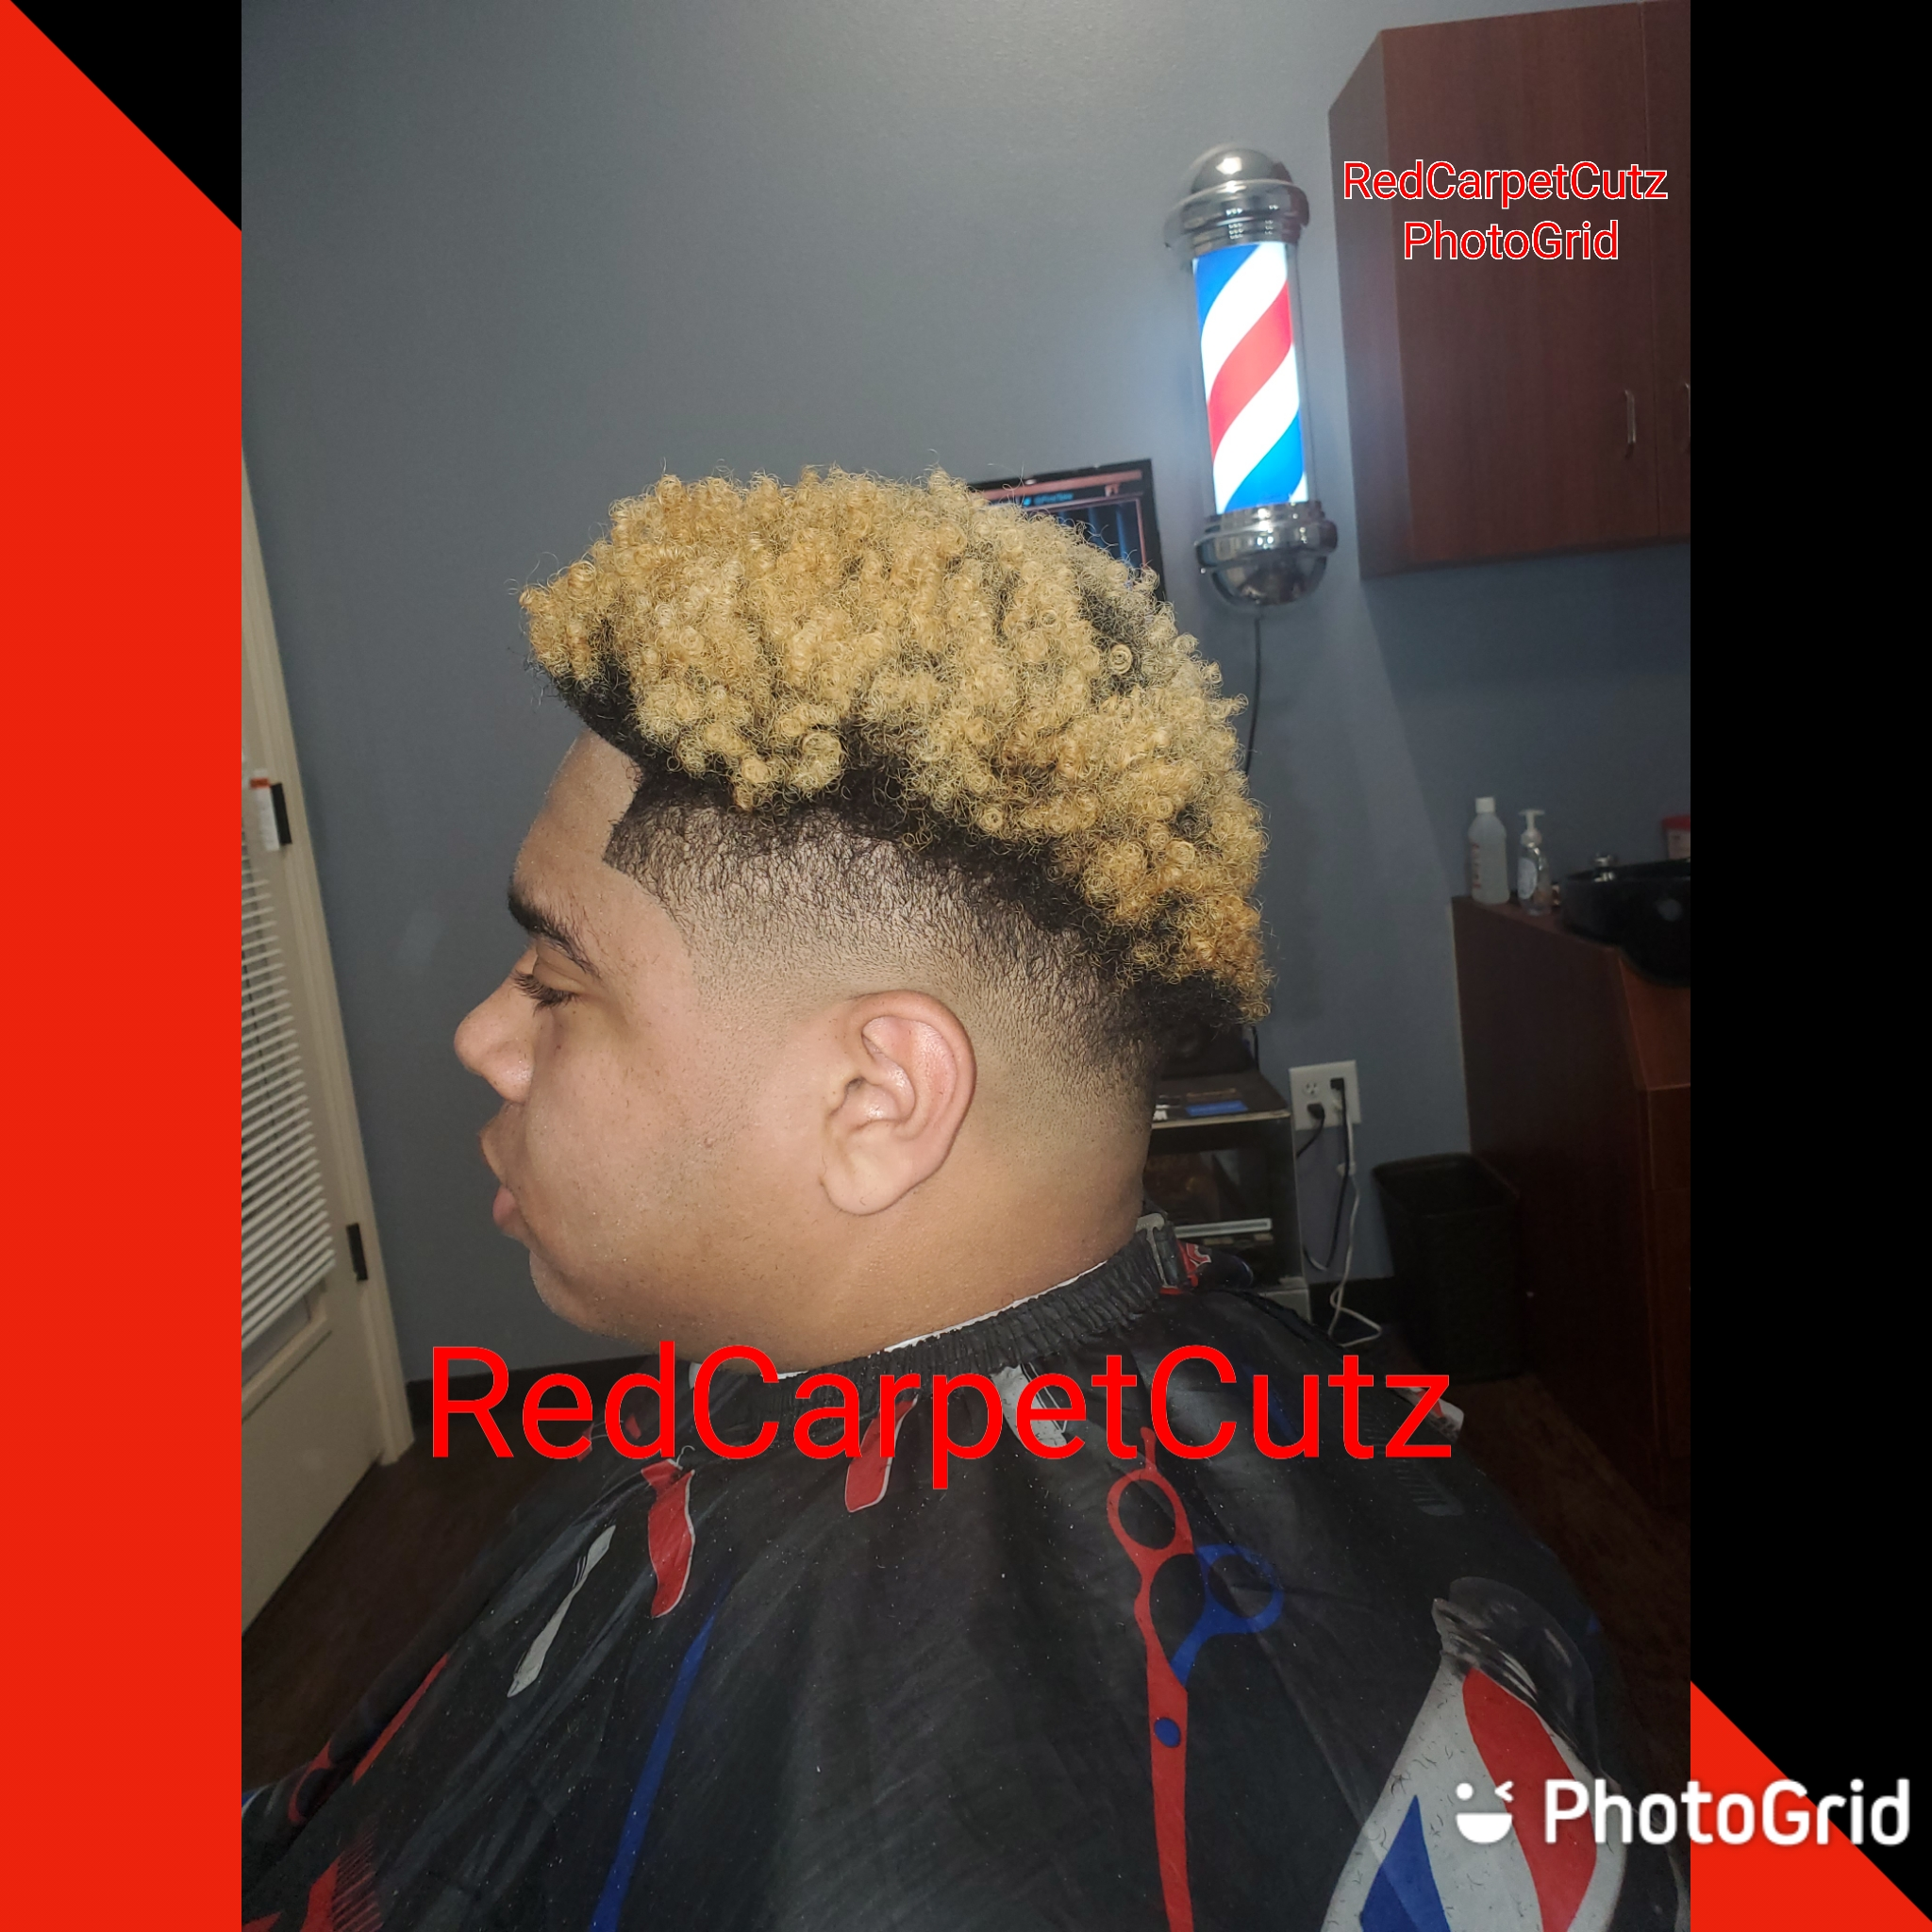 Red Carpet Cutz